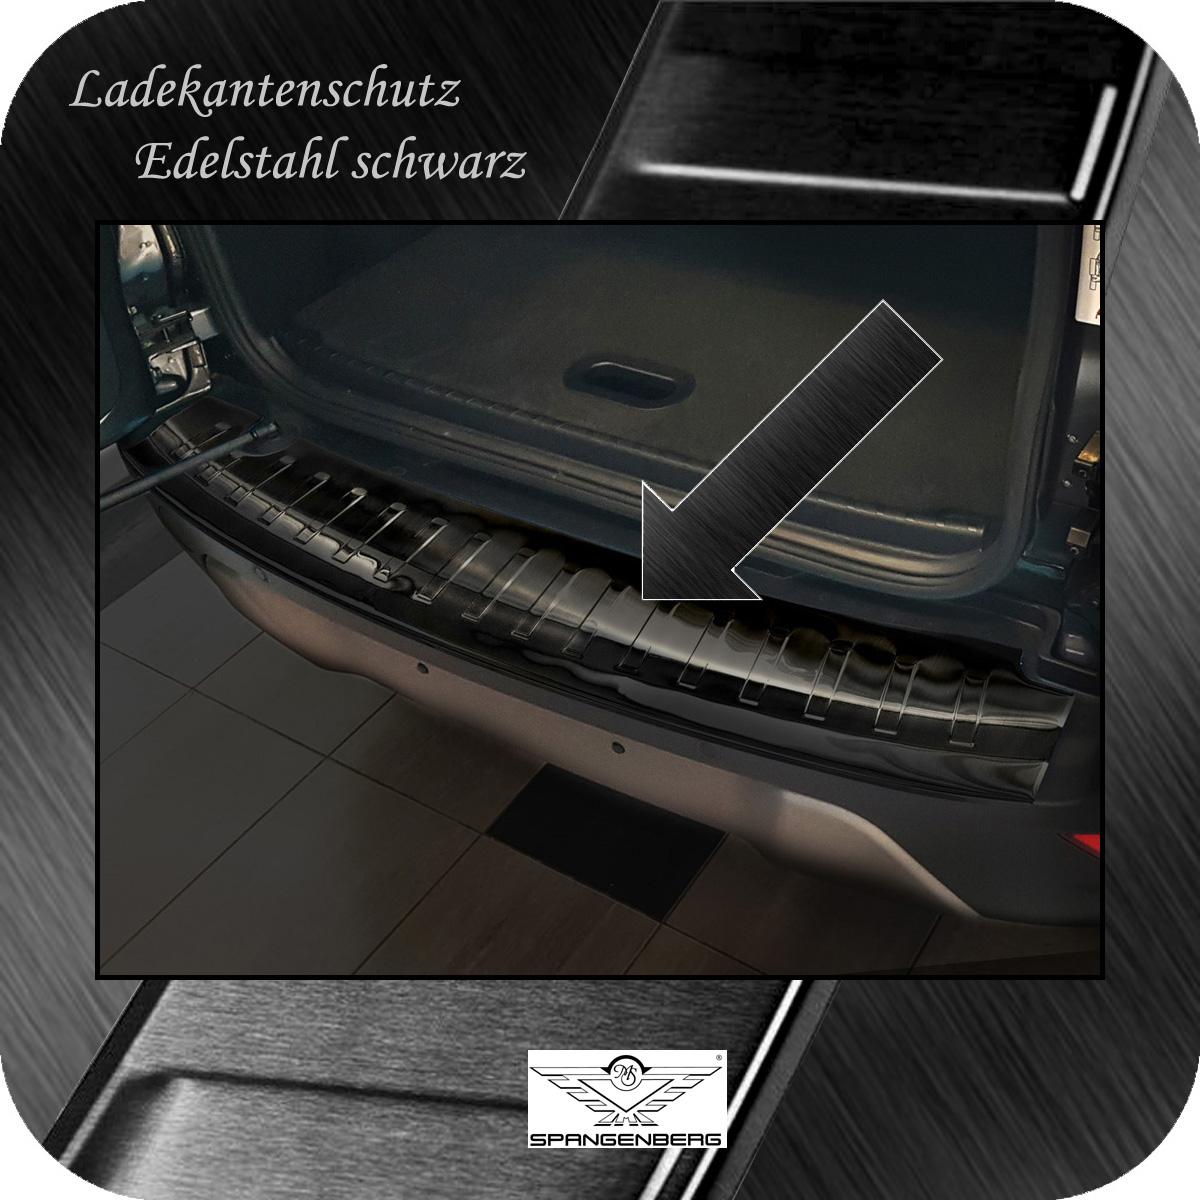 Ladekantenschutz Edelstahl schwarz graphit Ford Ecosport SUV Mopf 11.17- 3245199